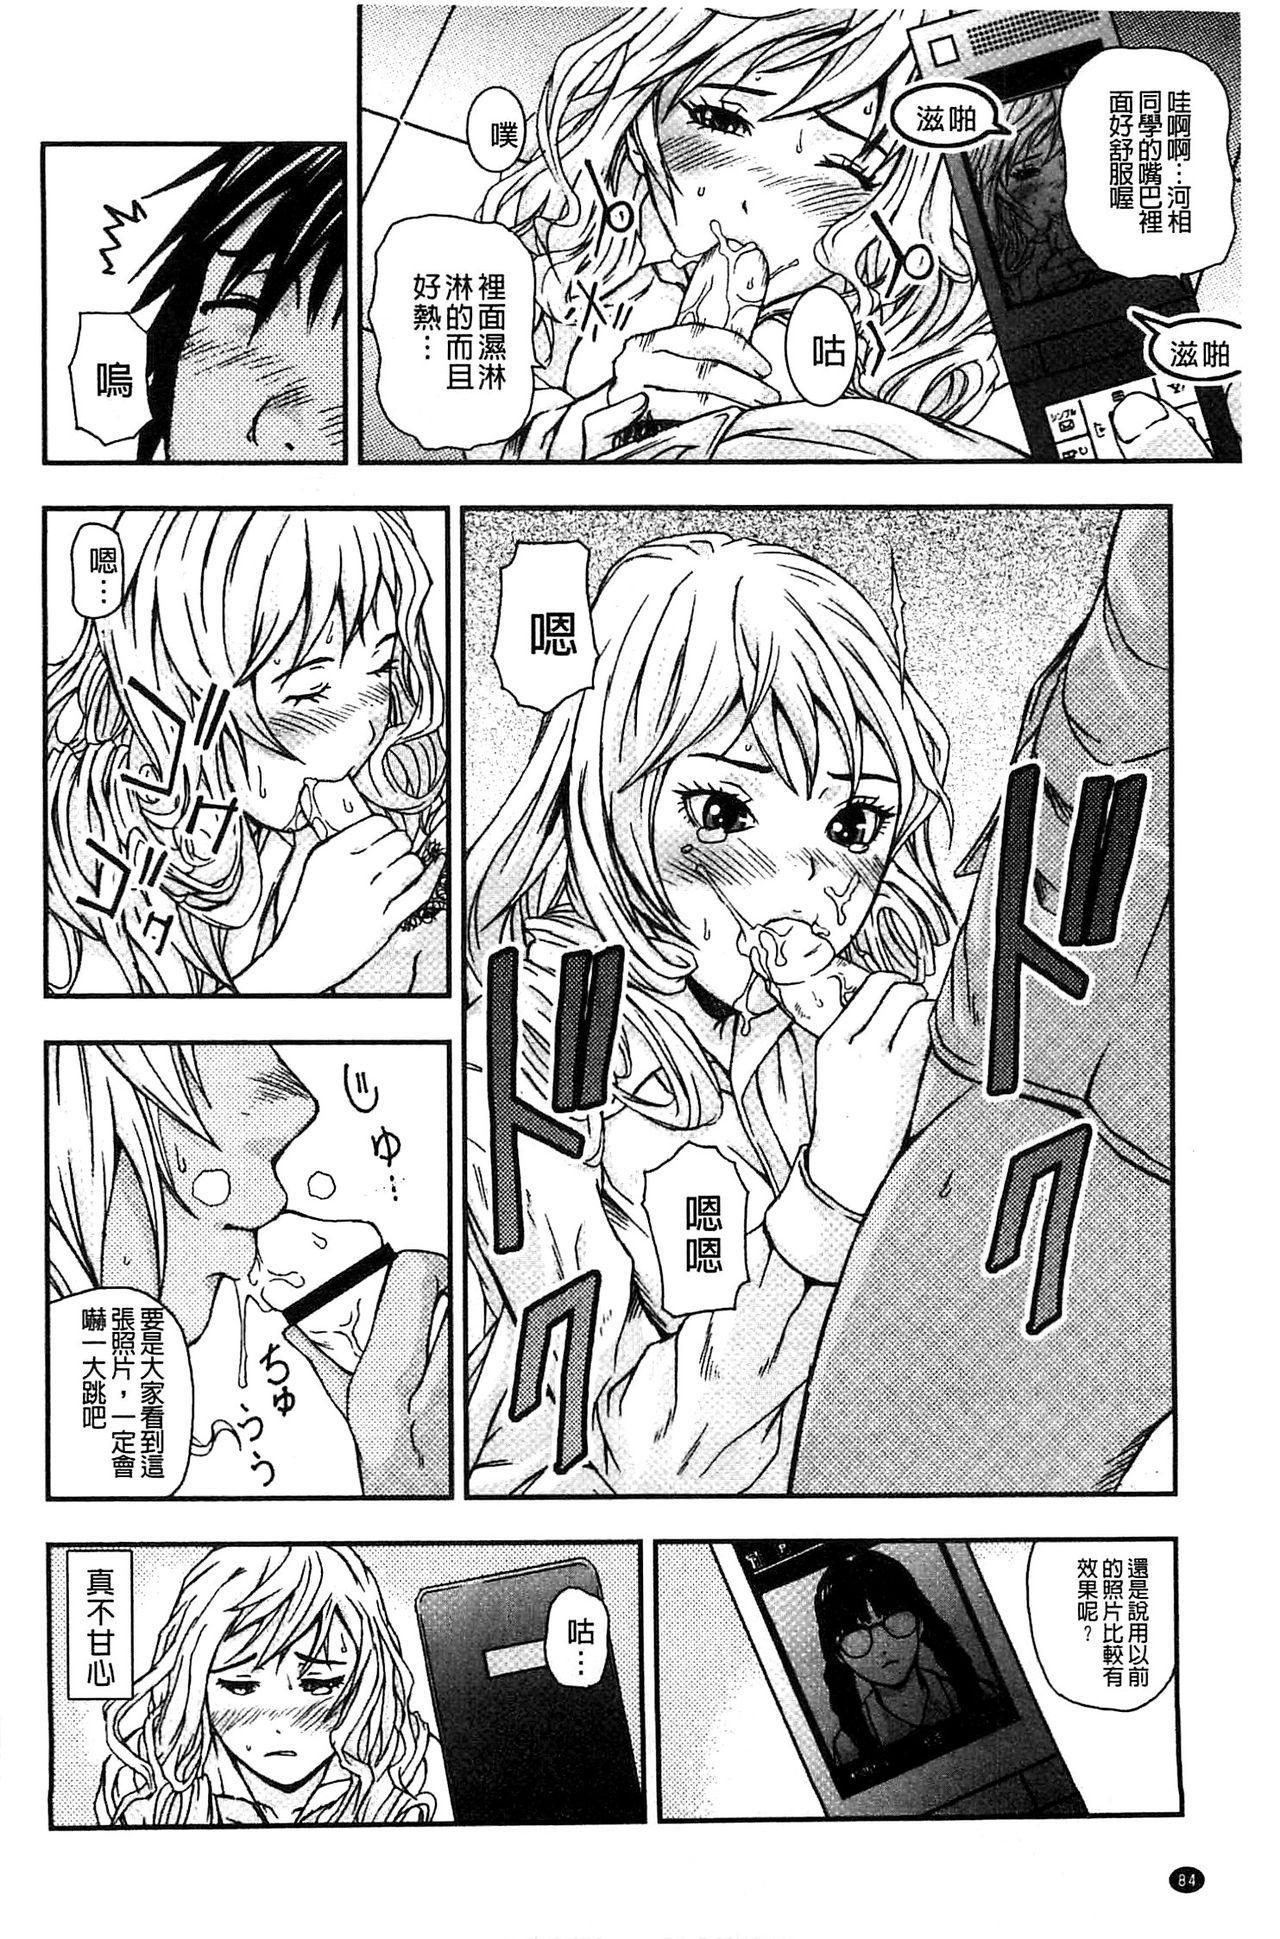 Koijirushi Love Milk | 戀印愛慾鮮乳 85